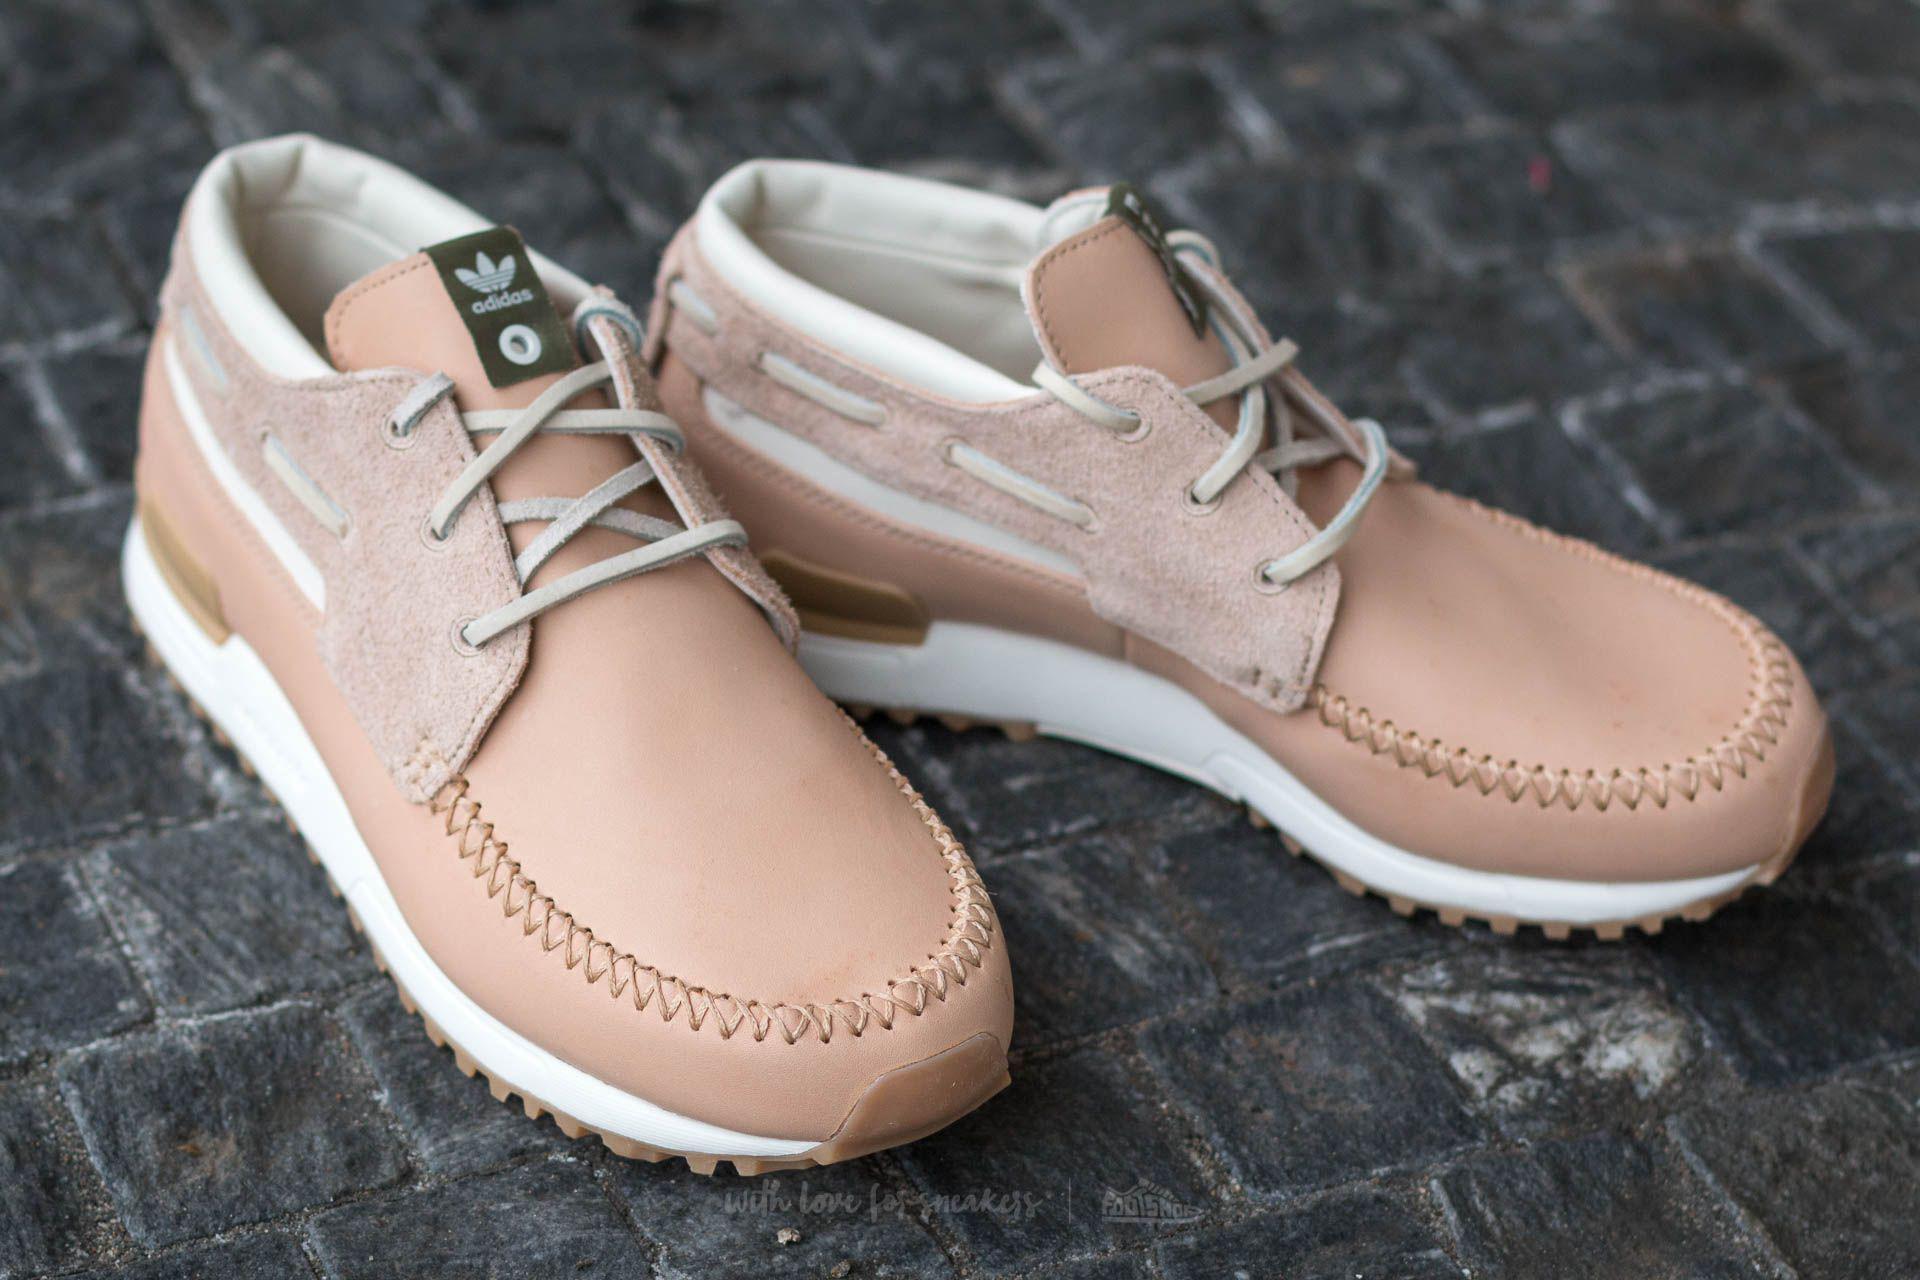 lyst footshop adidas consorzio x zx 700 barca fine marrone / marrone